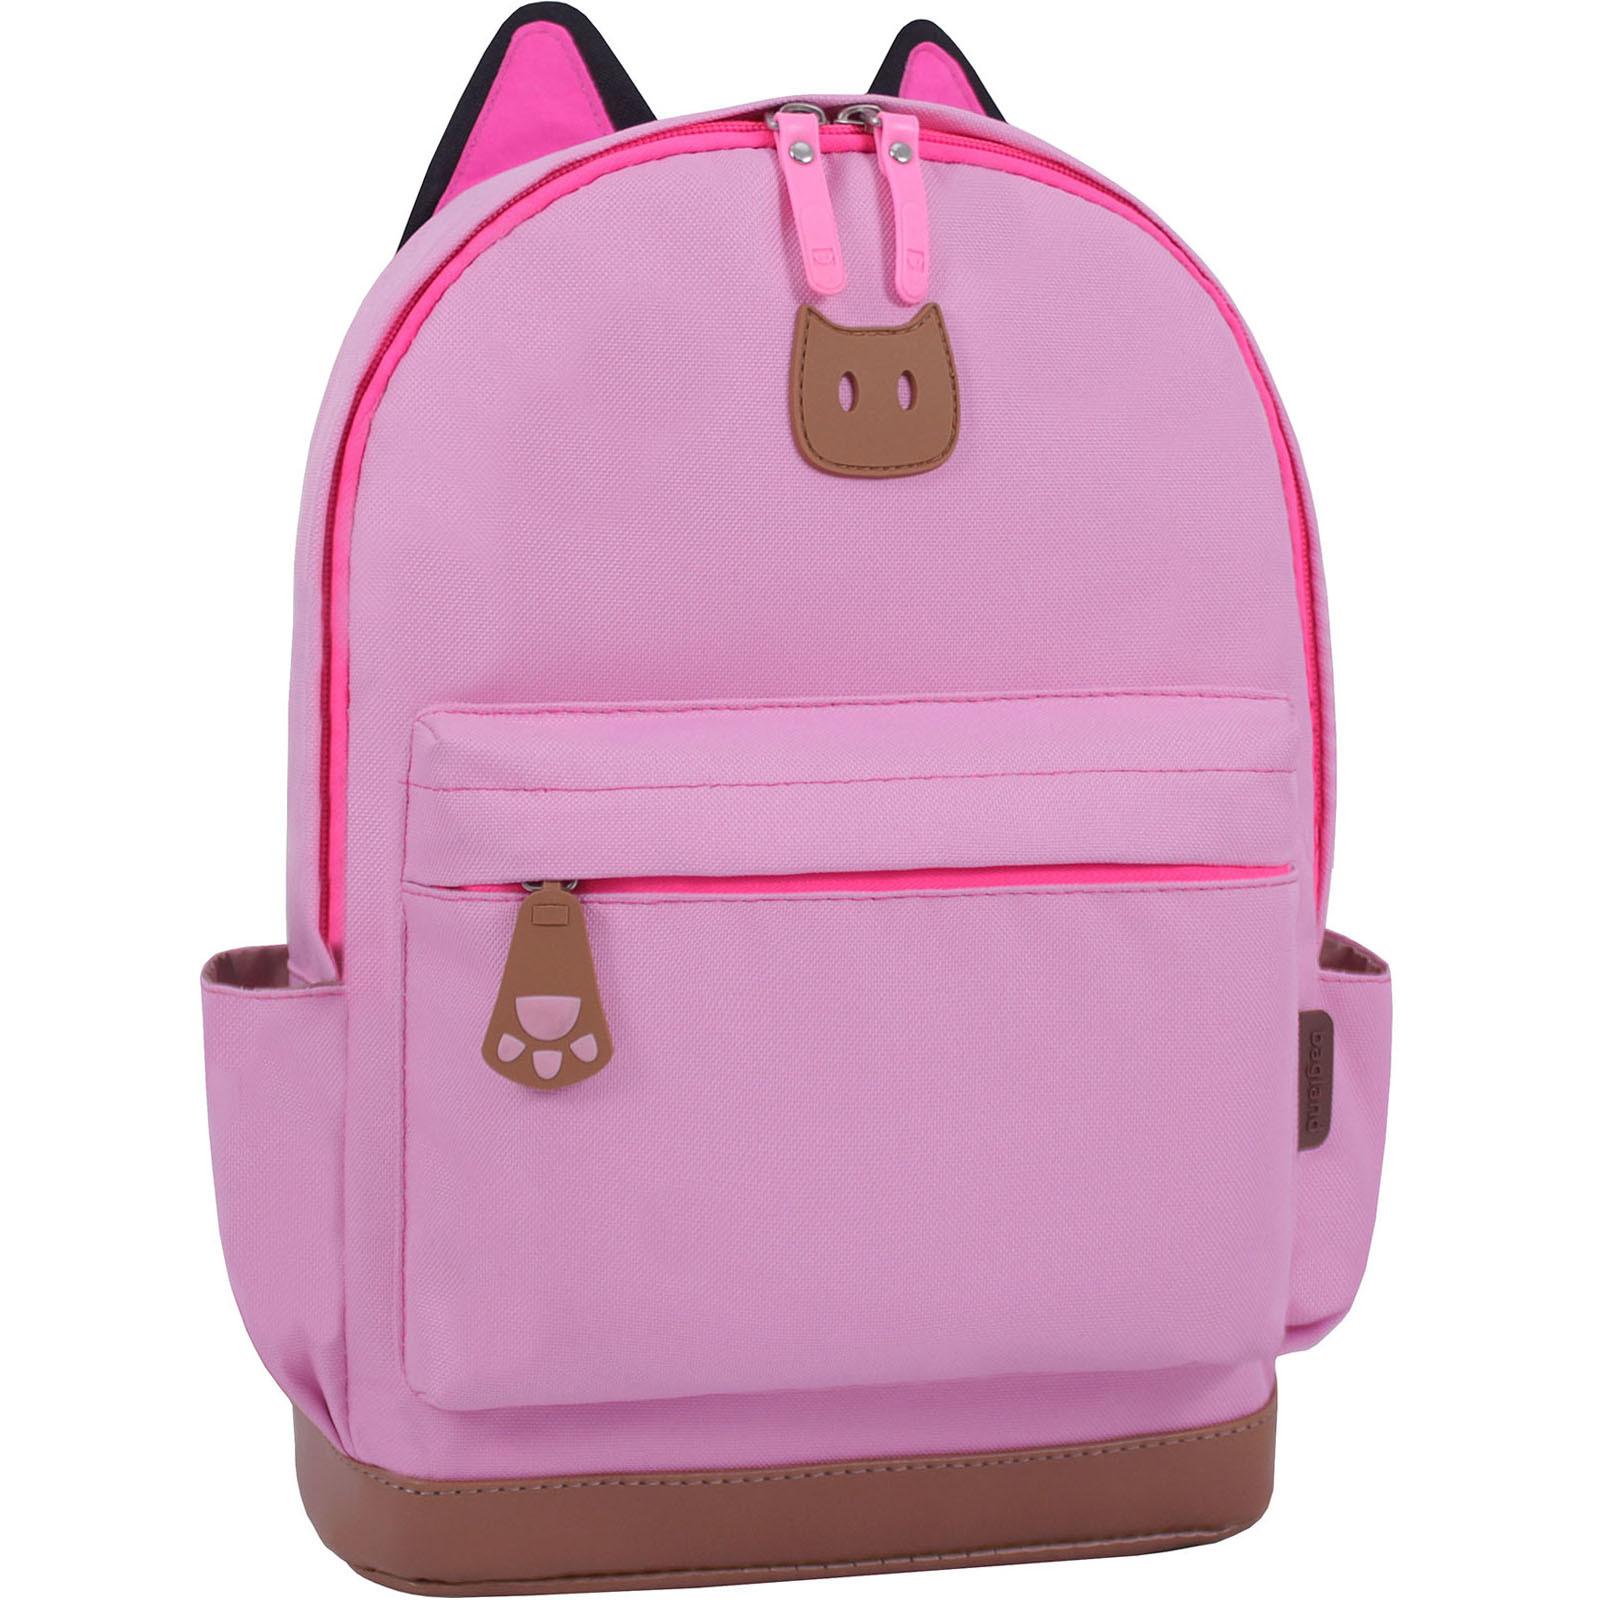 Рюкзак Bagland Ears розовый (0054566) фото 1